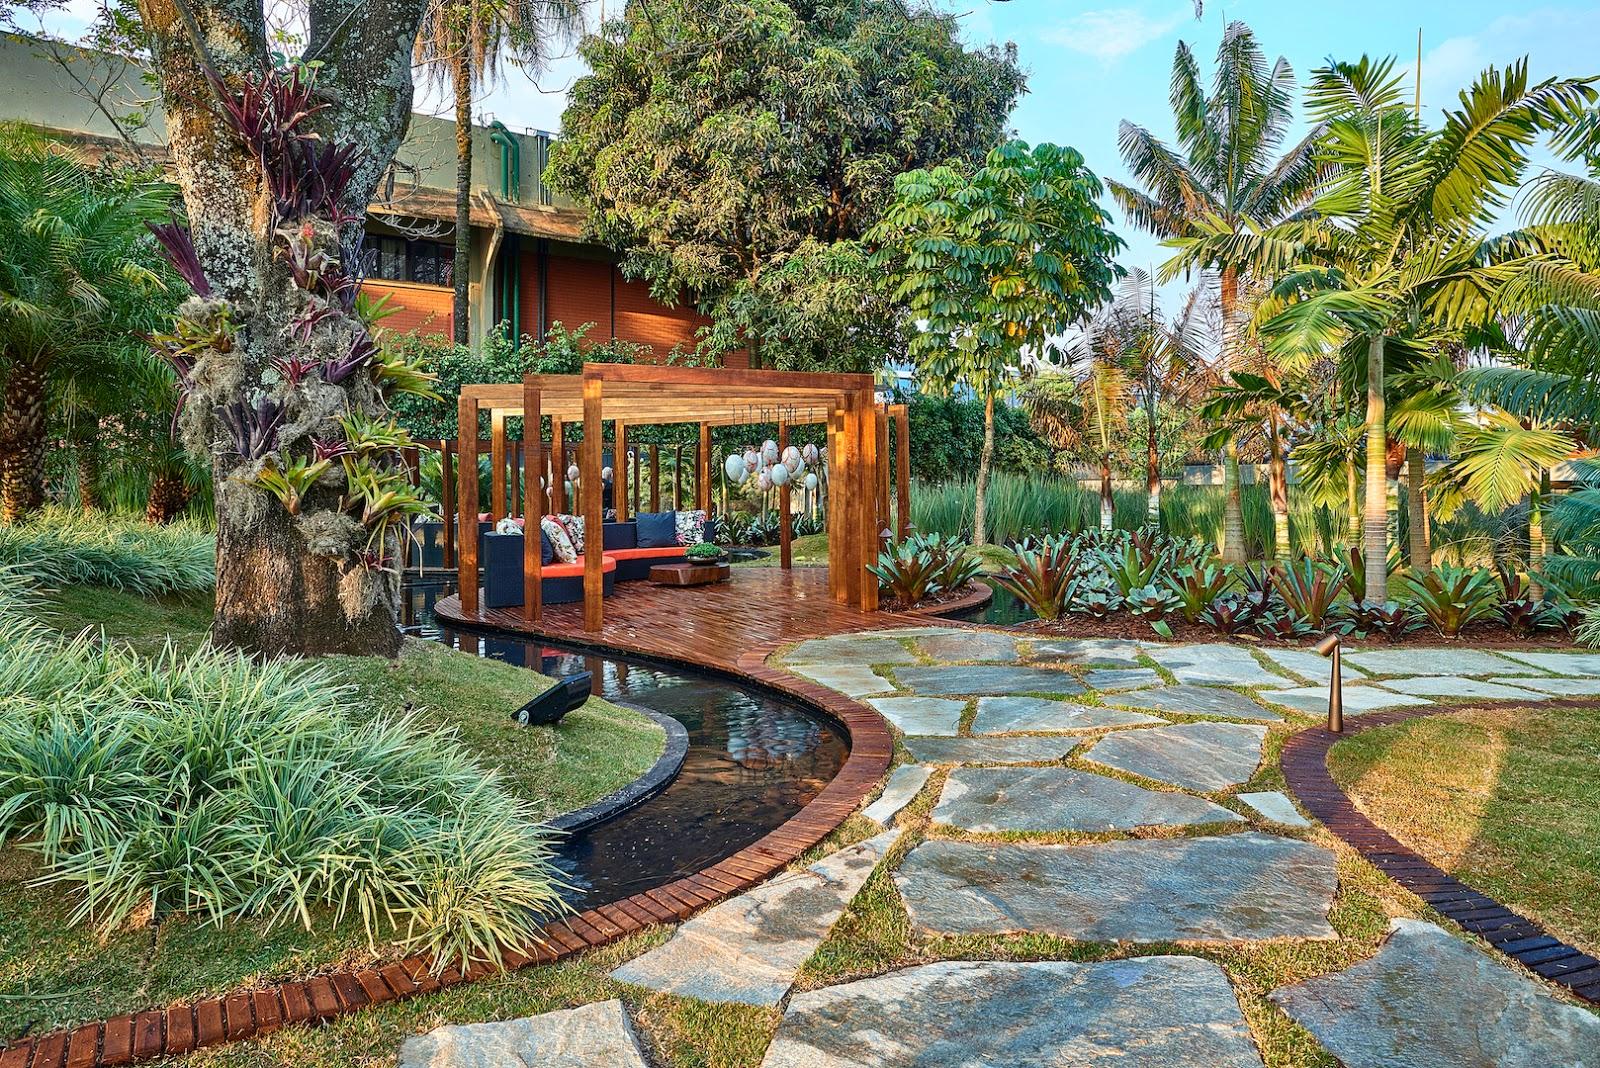 plantas brasileiras jardim:Moda e Gestão: